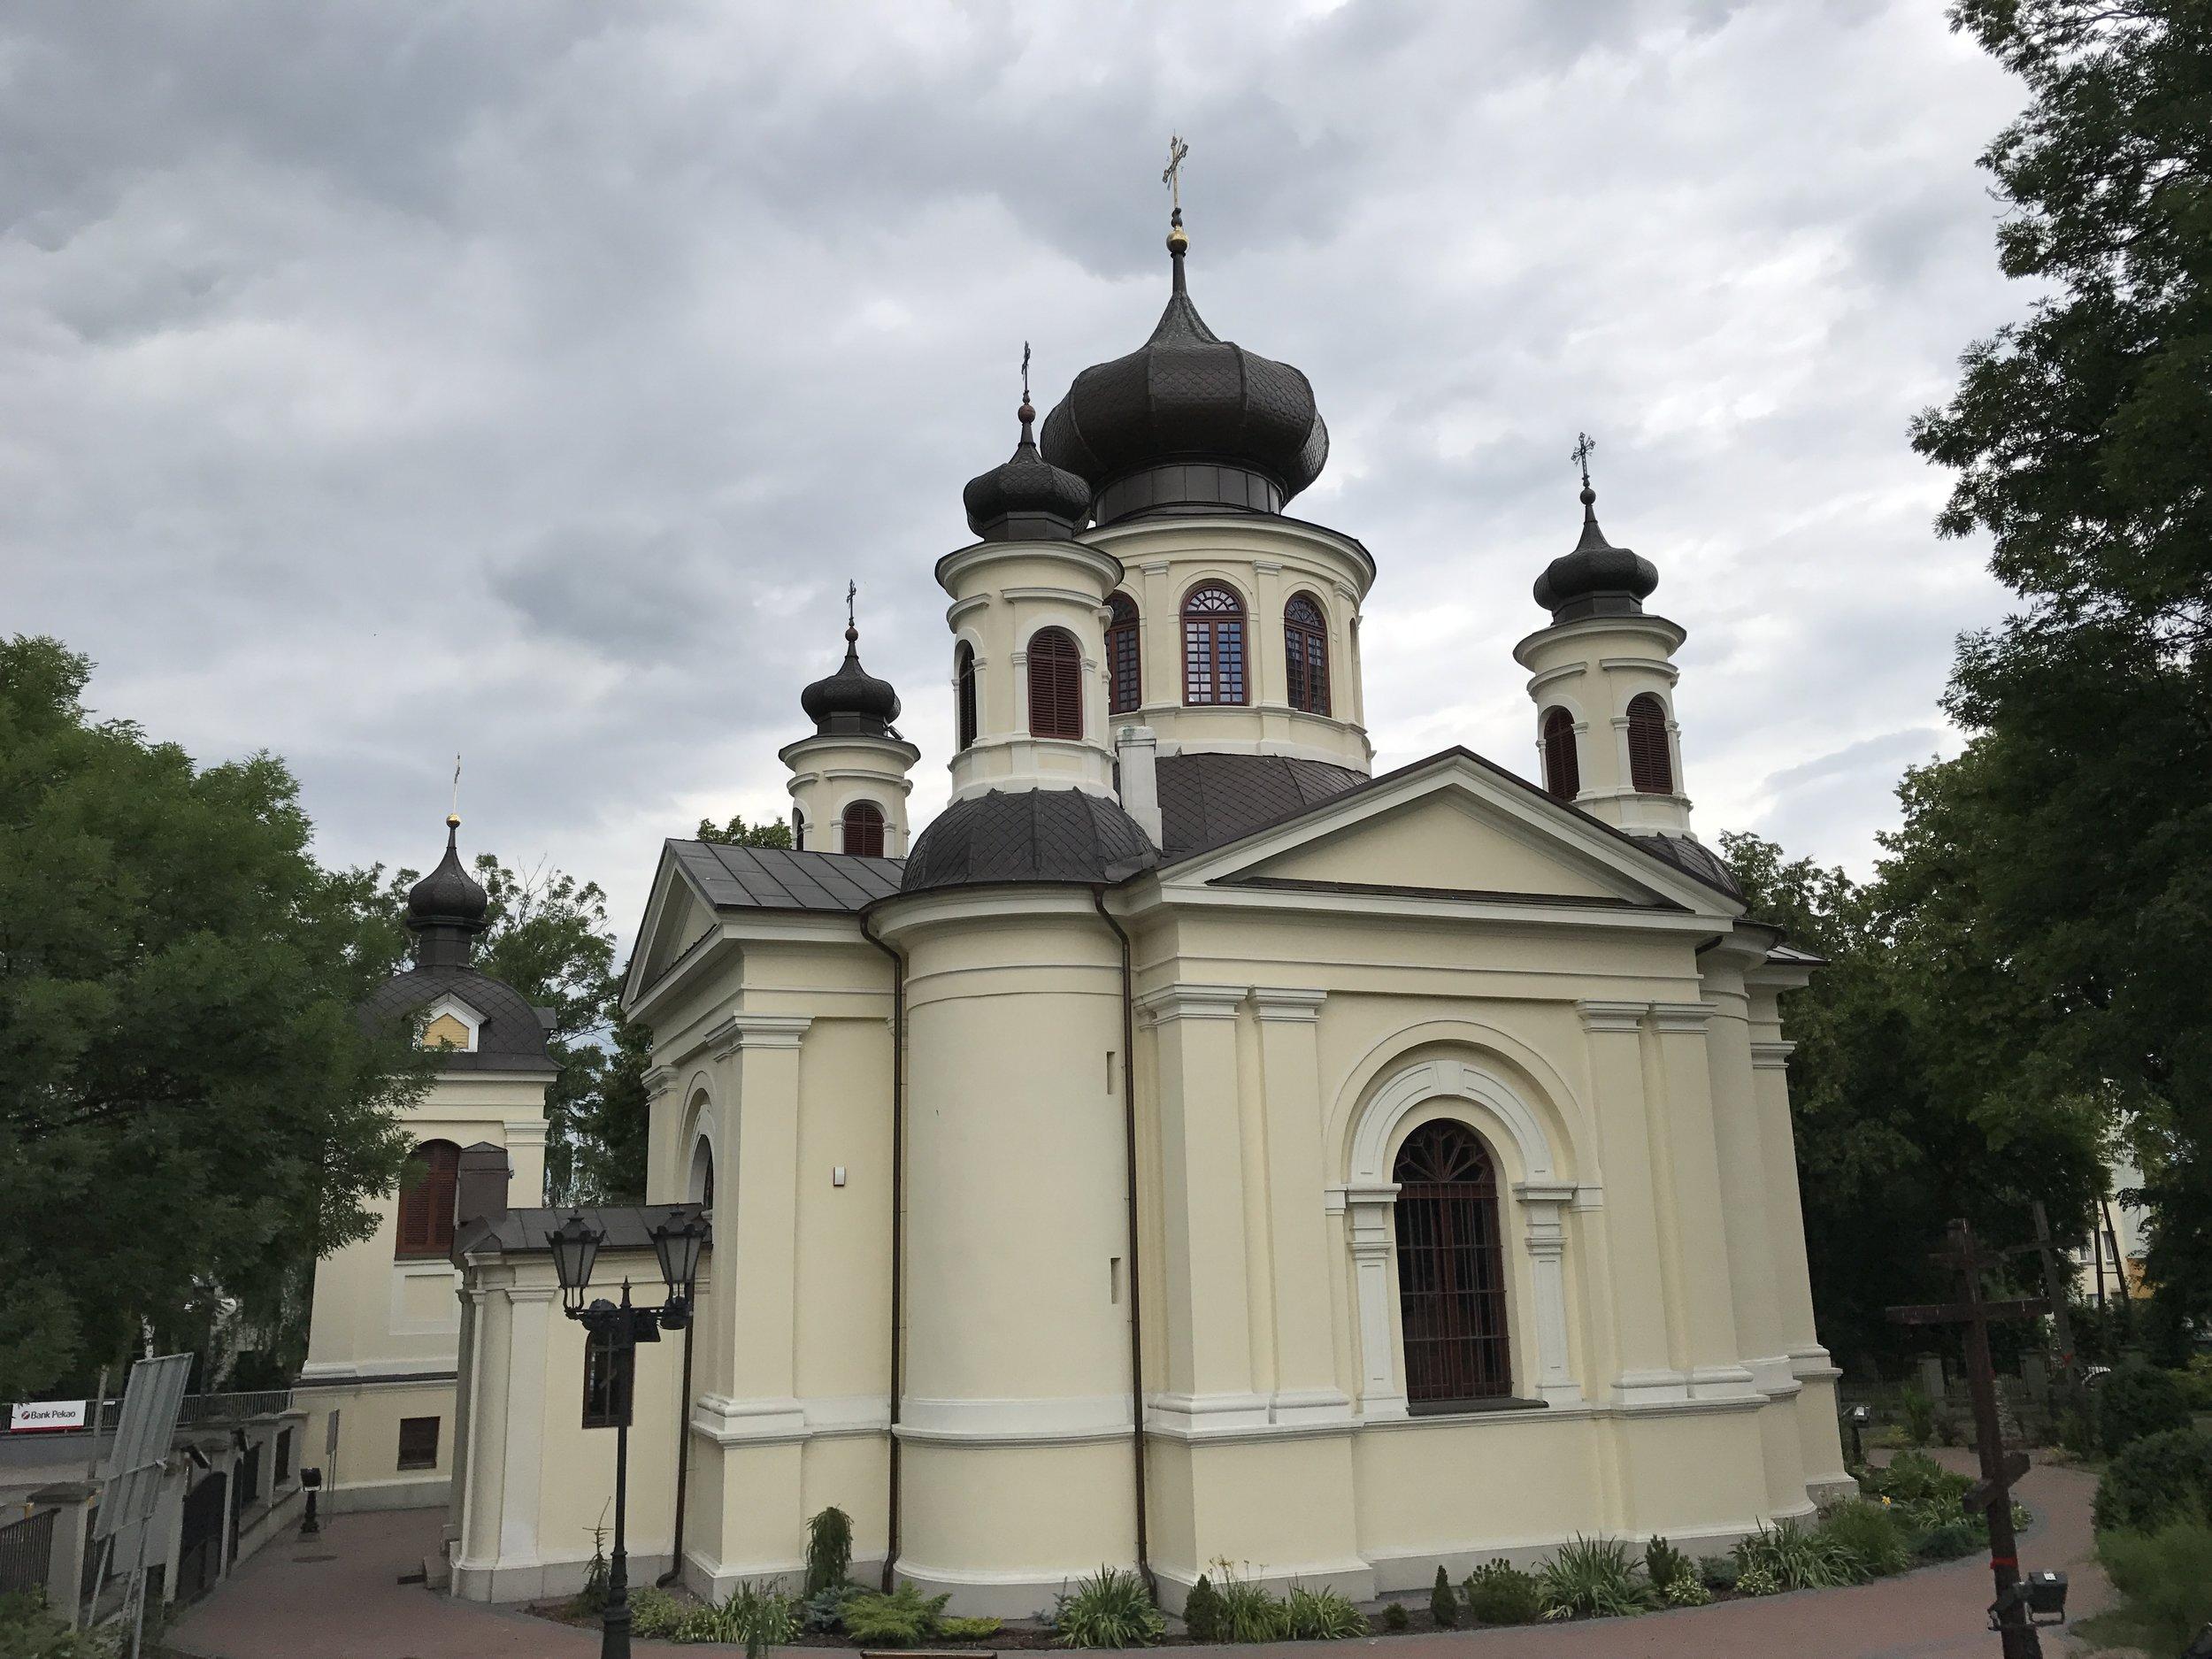 Church in Chelm, Poland